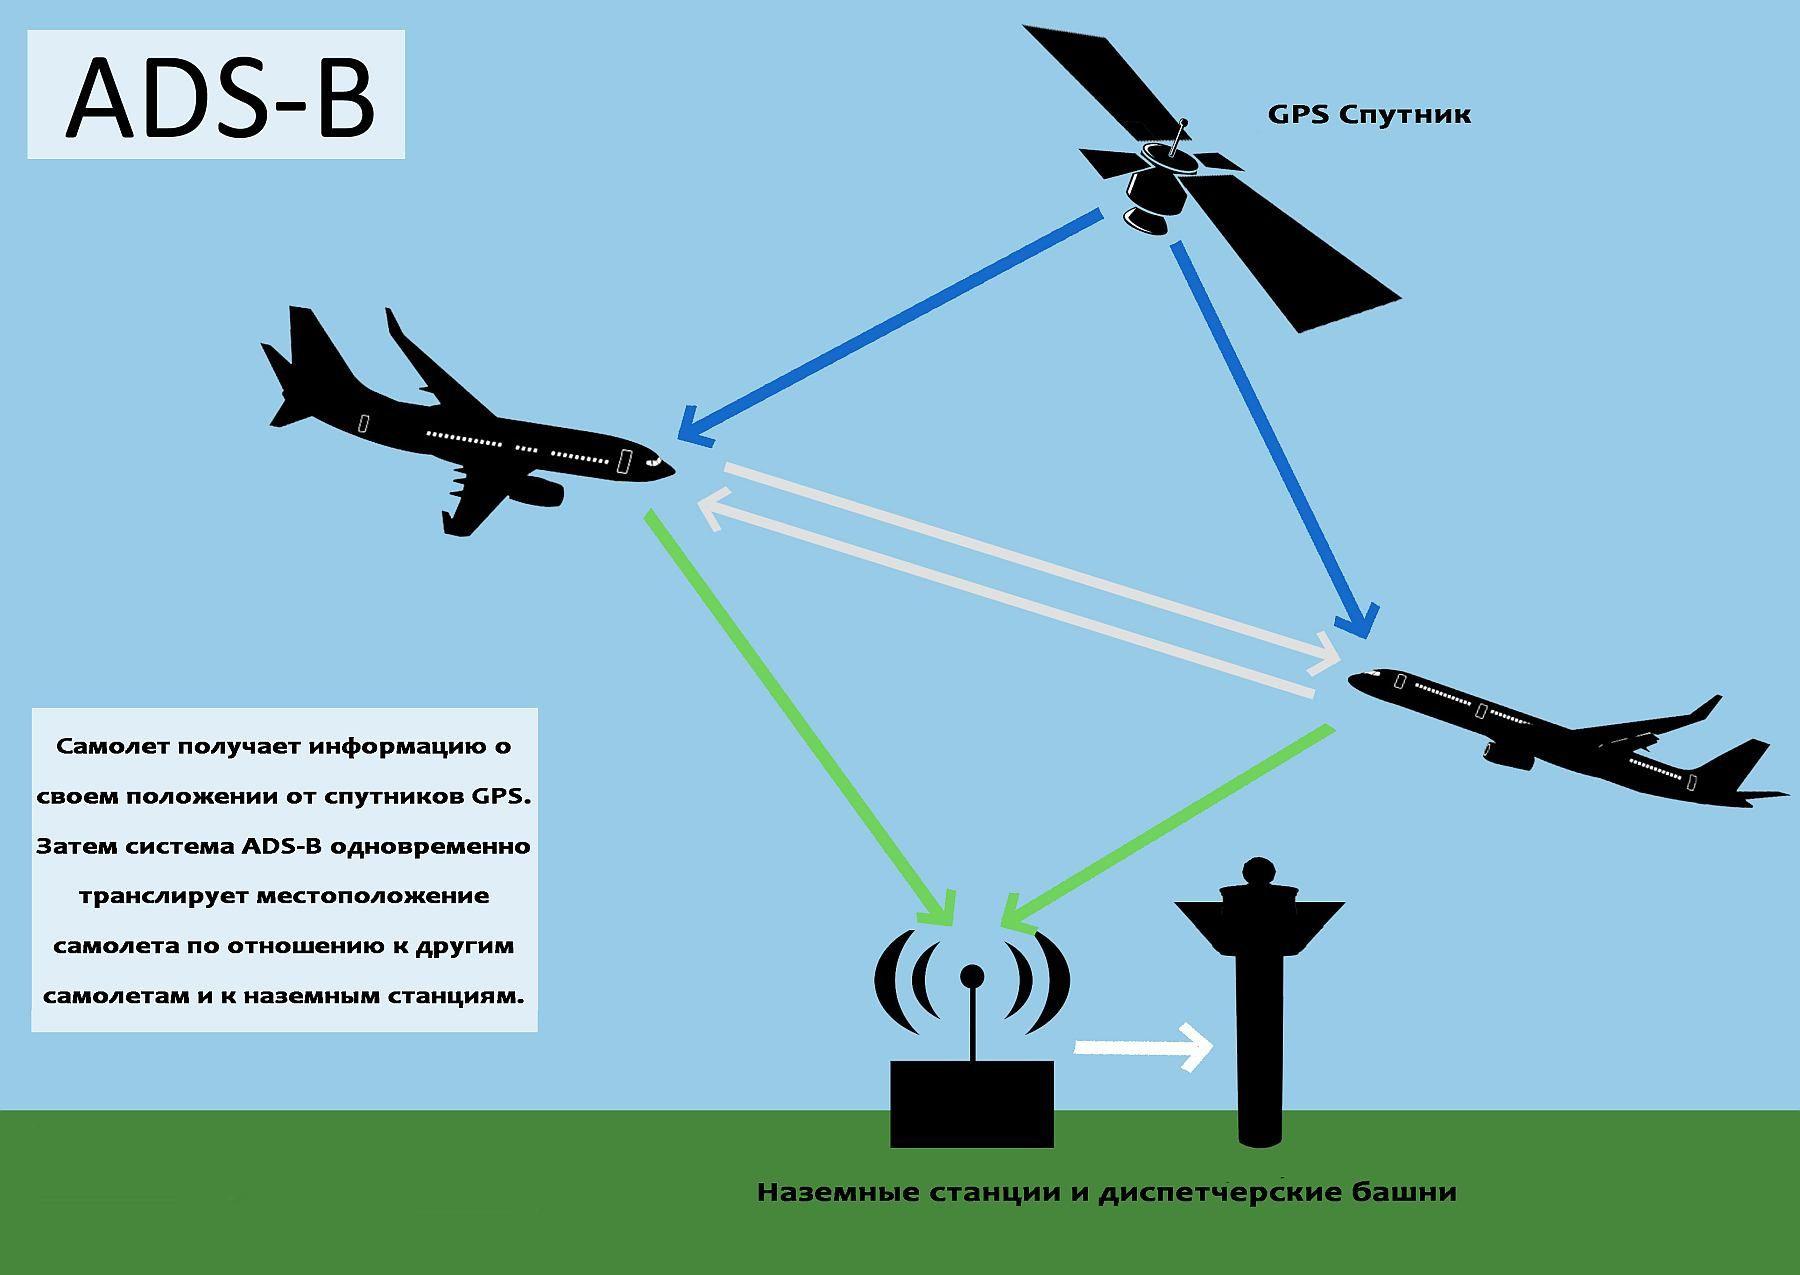 ADS-B - Отслеживание полетов